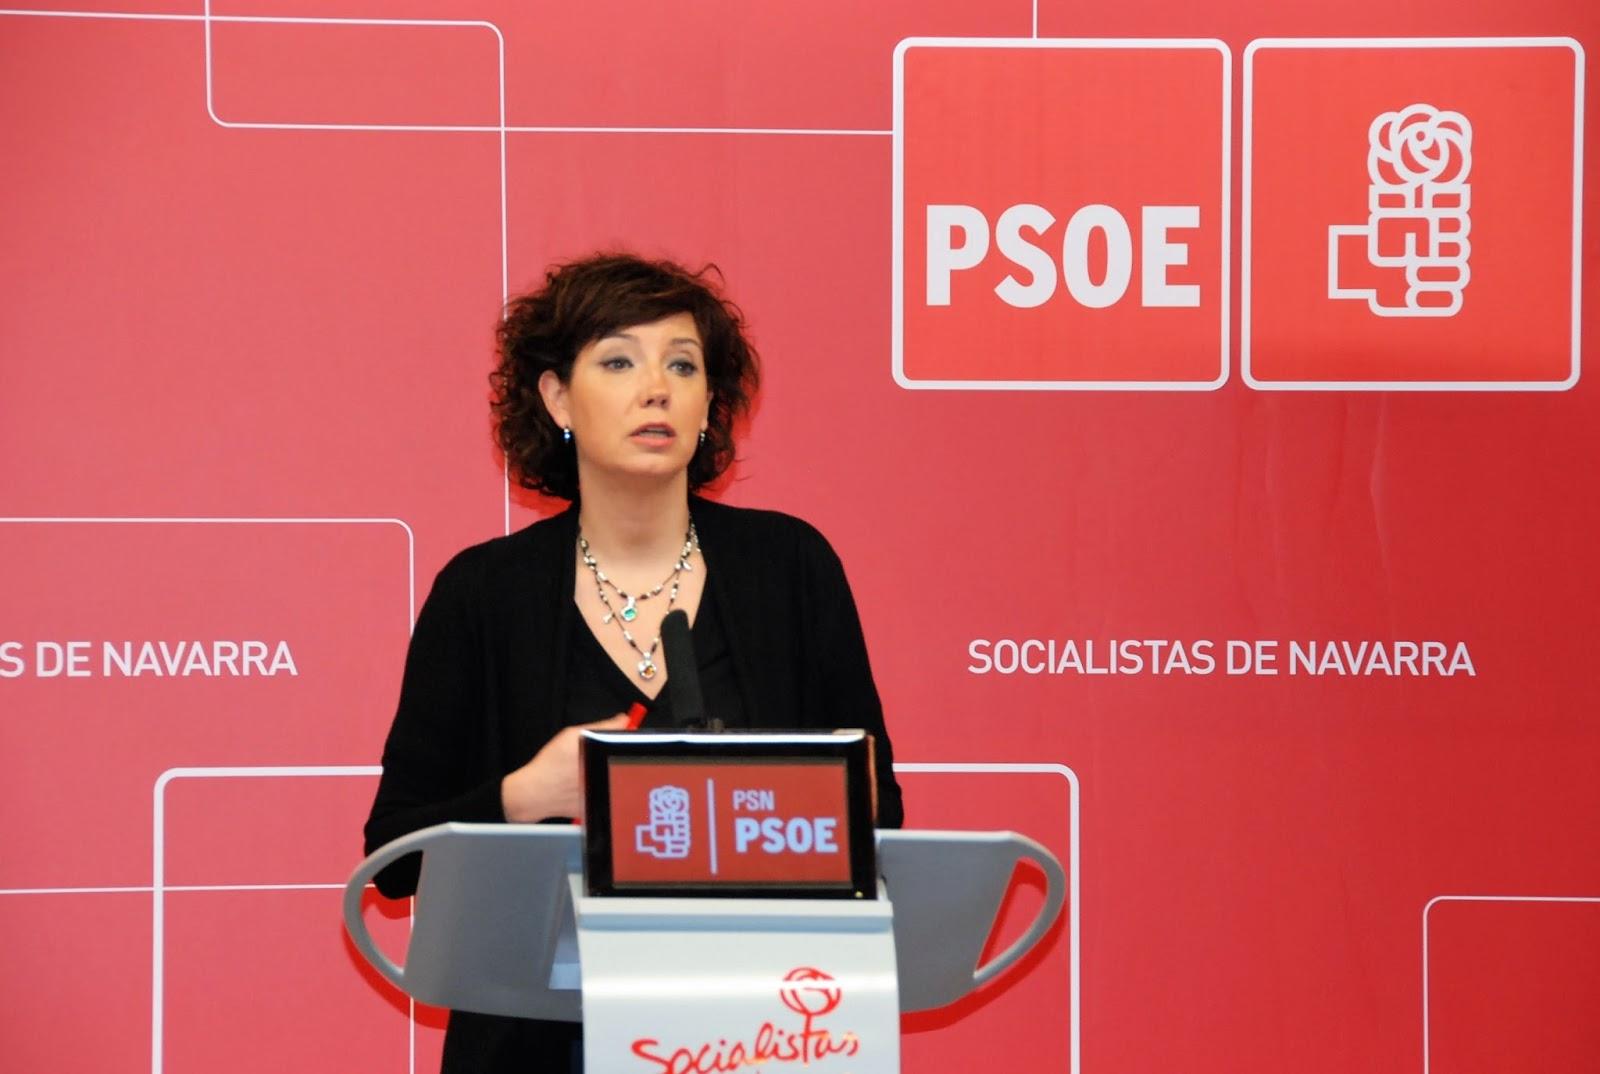 El PSN-PSOE consigue sus objetivos prioritarios de garantizar la calidad de los servicios y las condiciones laborales de los trabajadores en la Ley Foral de Contratos Públicos